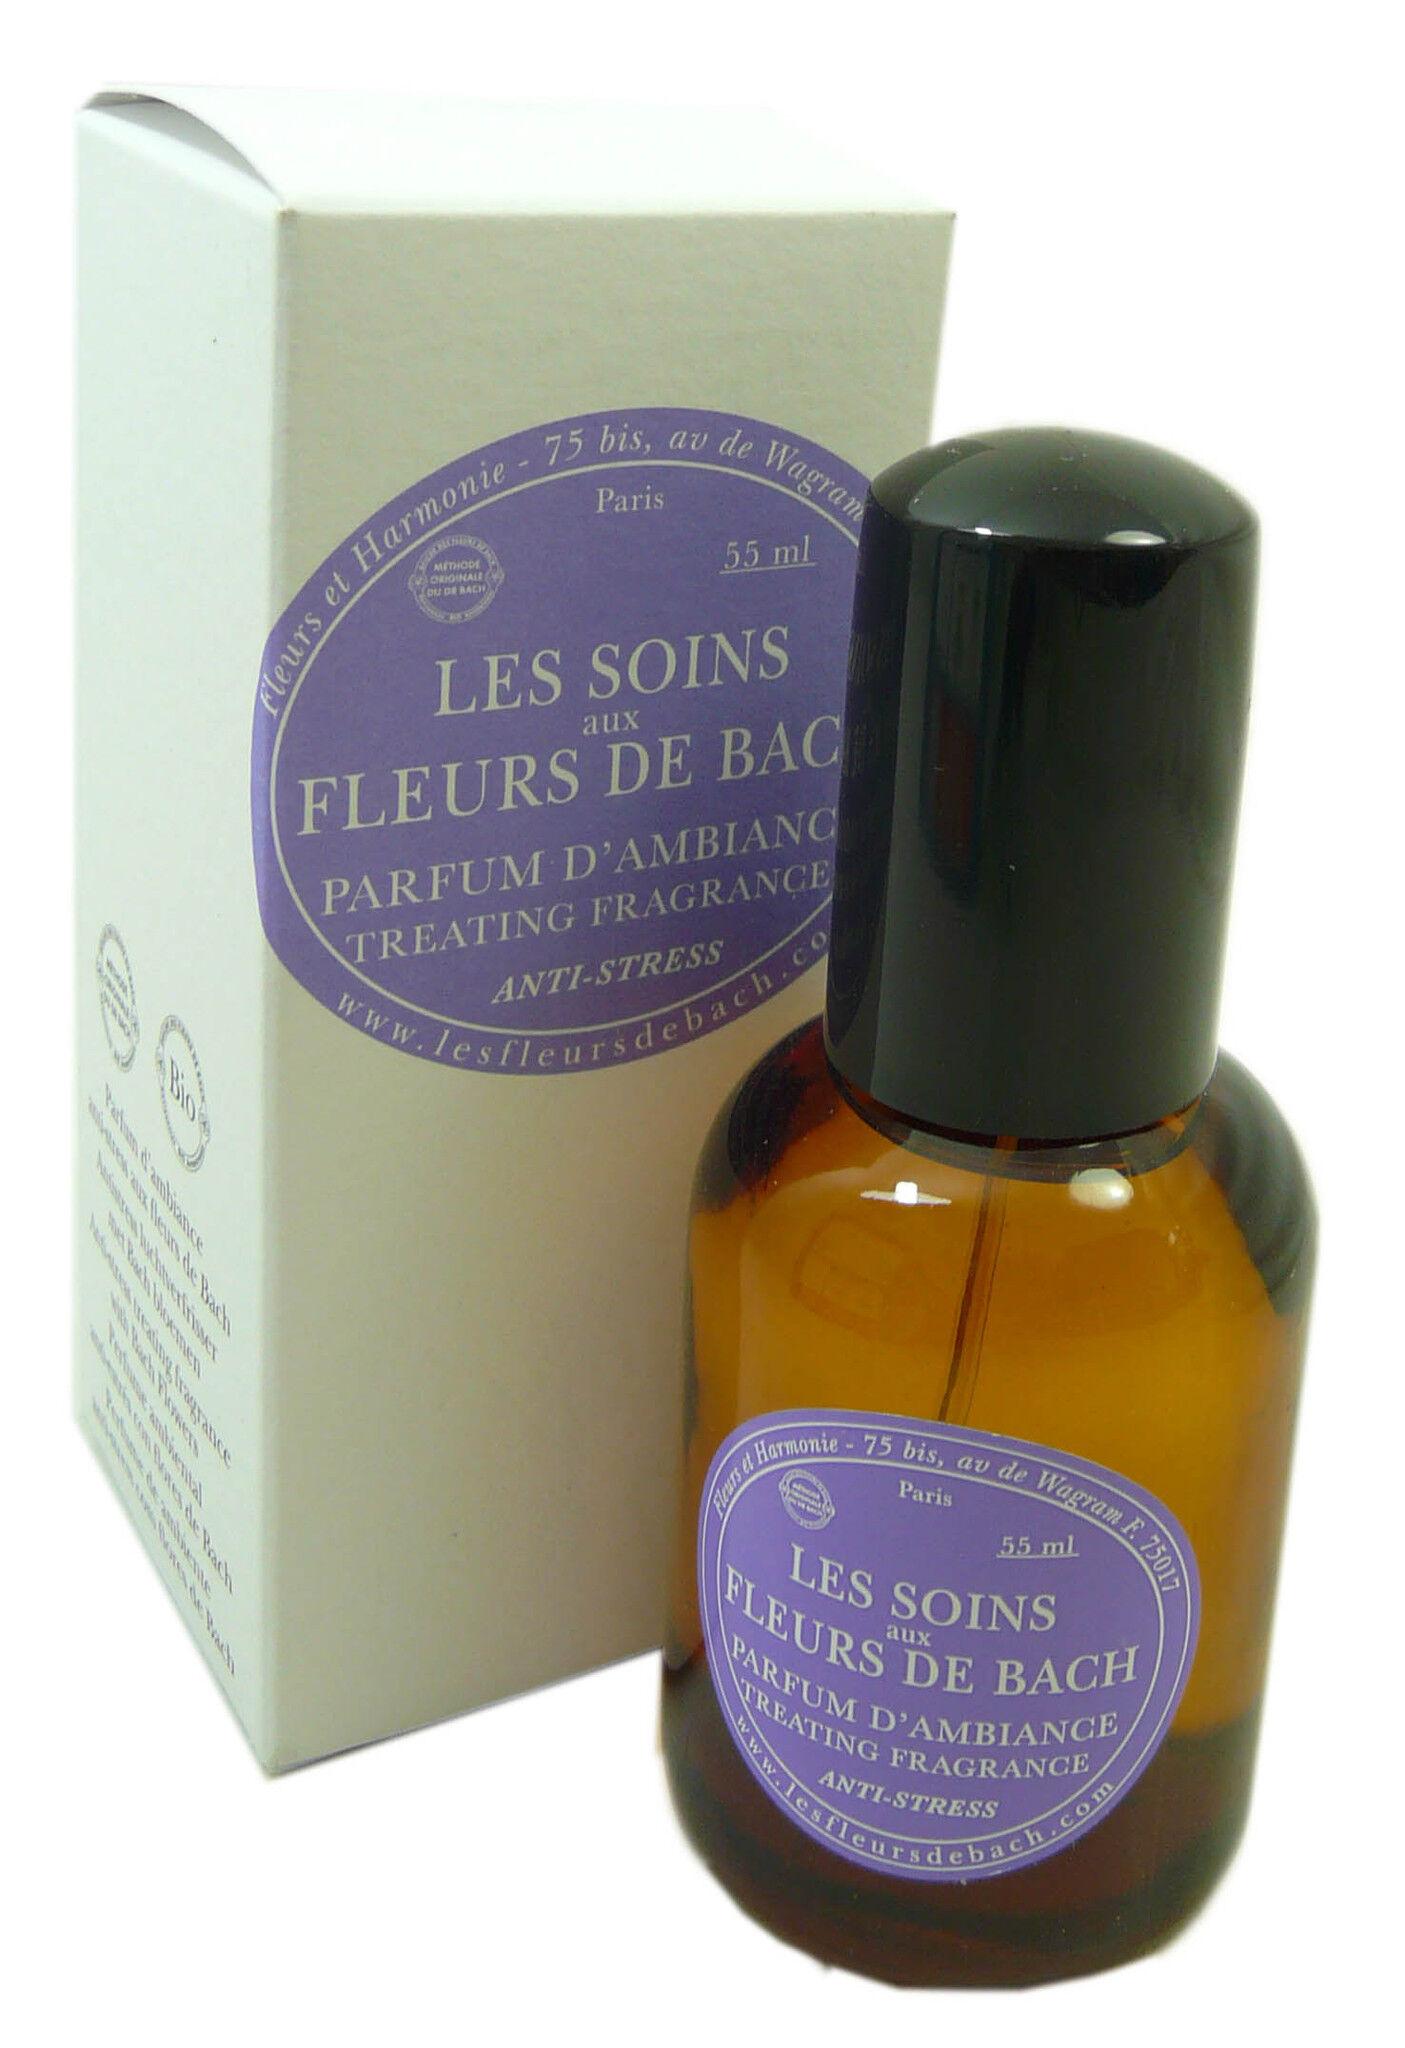 Elixirs & co fleurs de bach parfum d'ambiance vapo 55ml